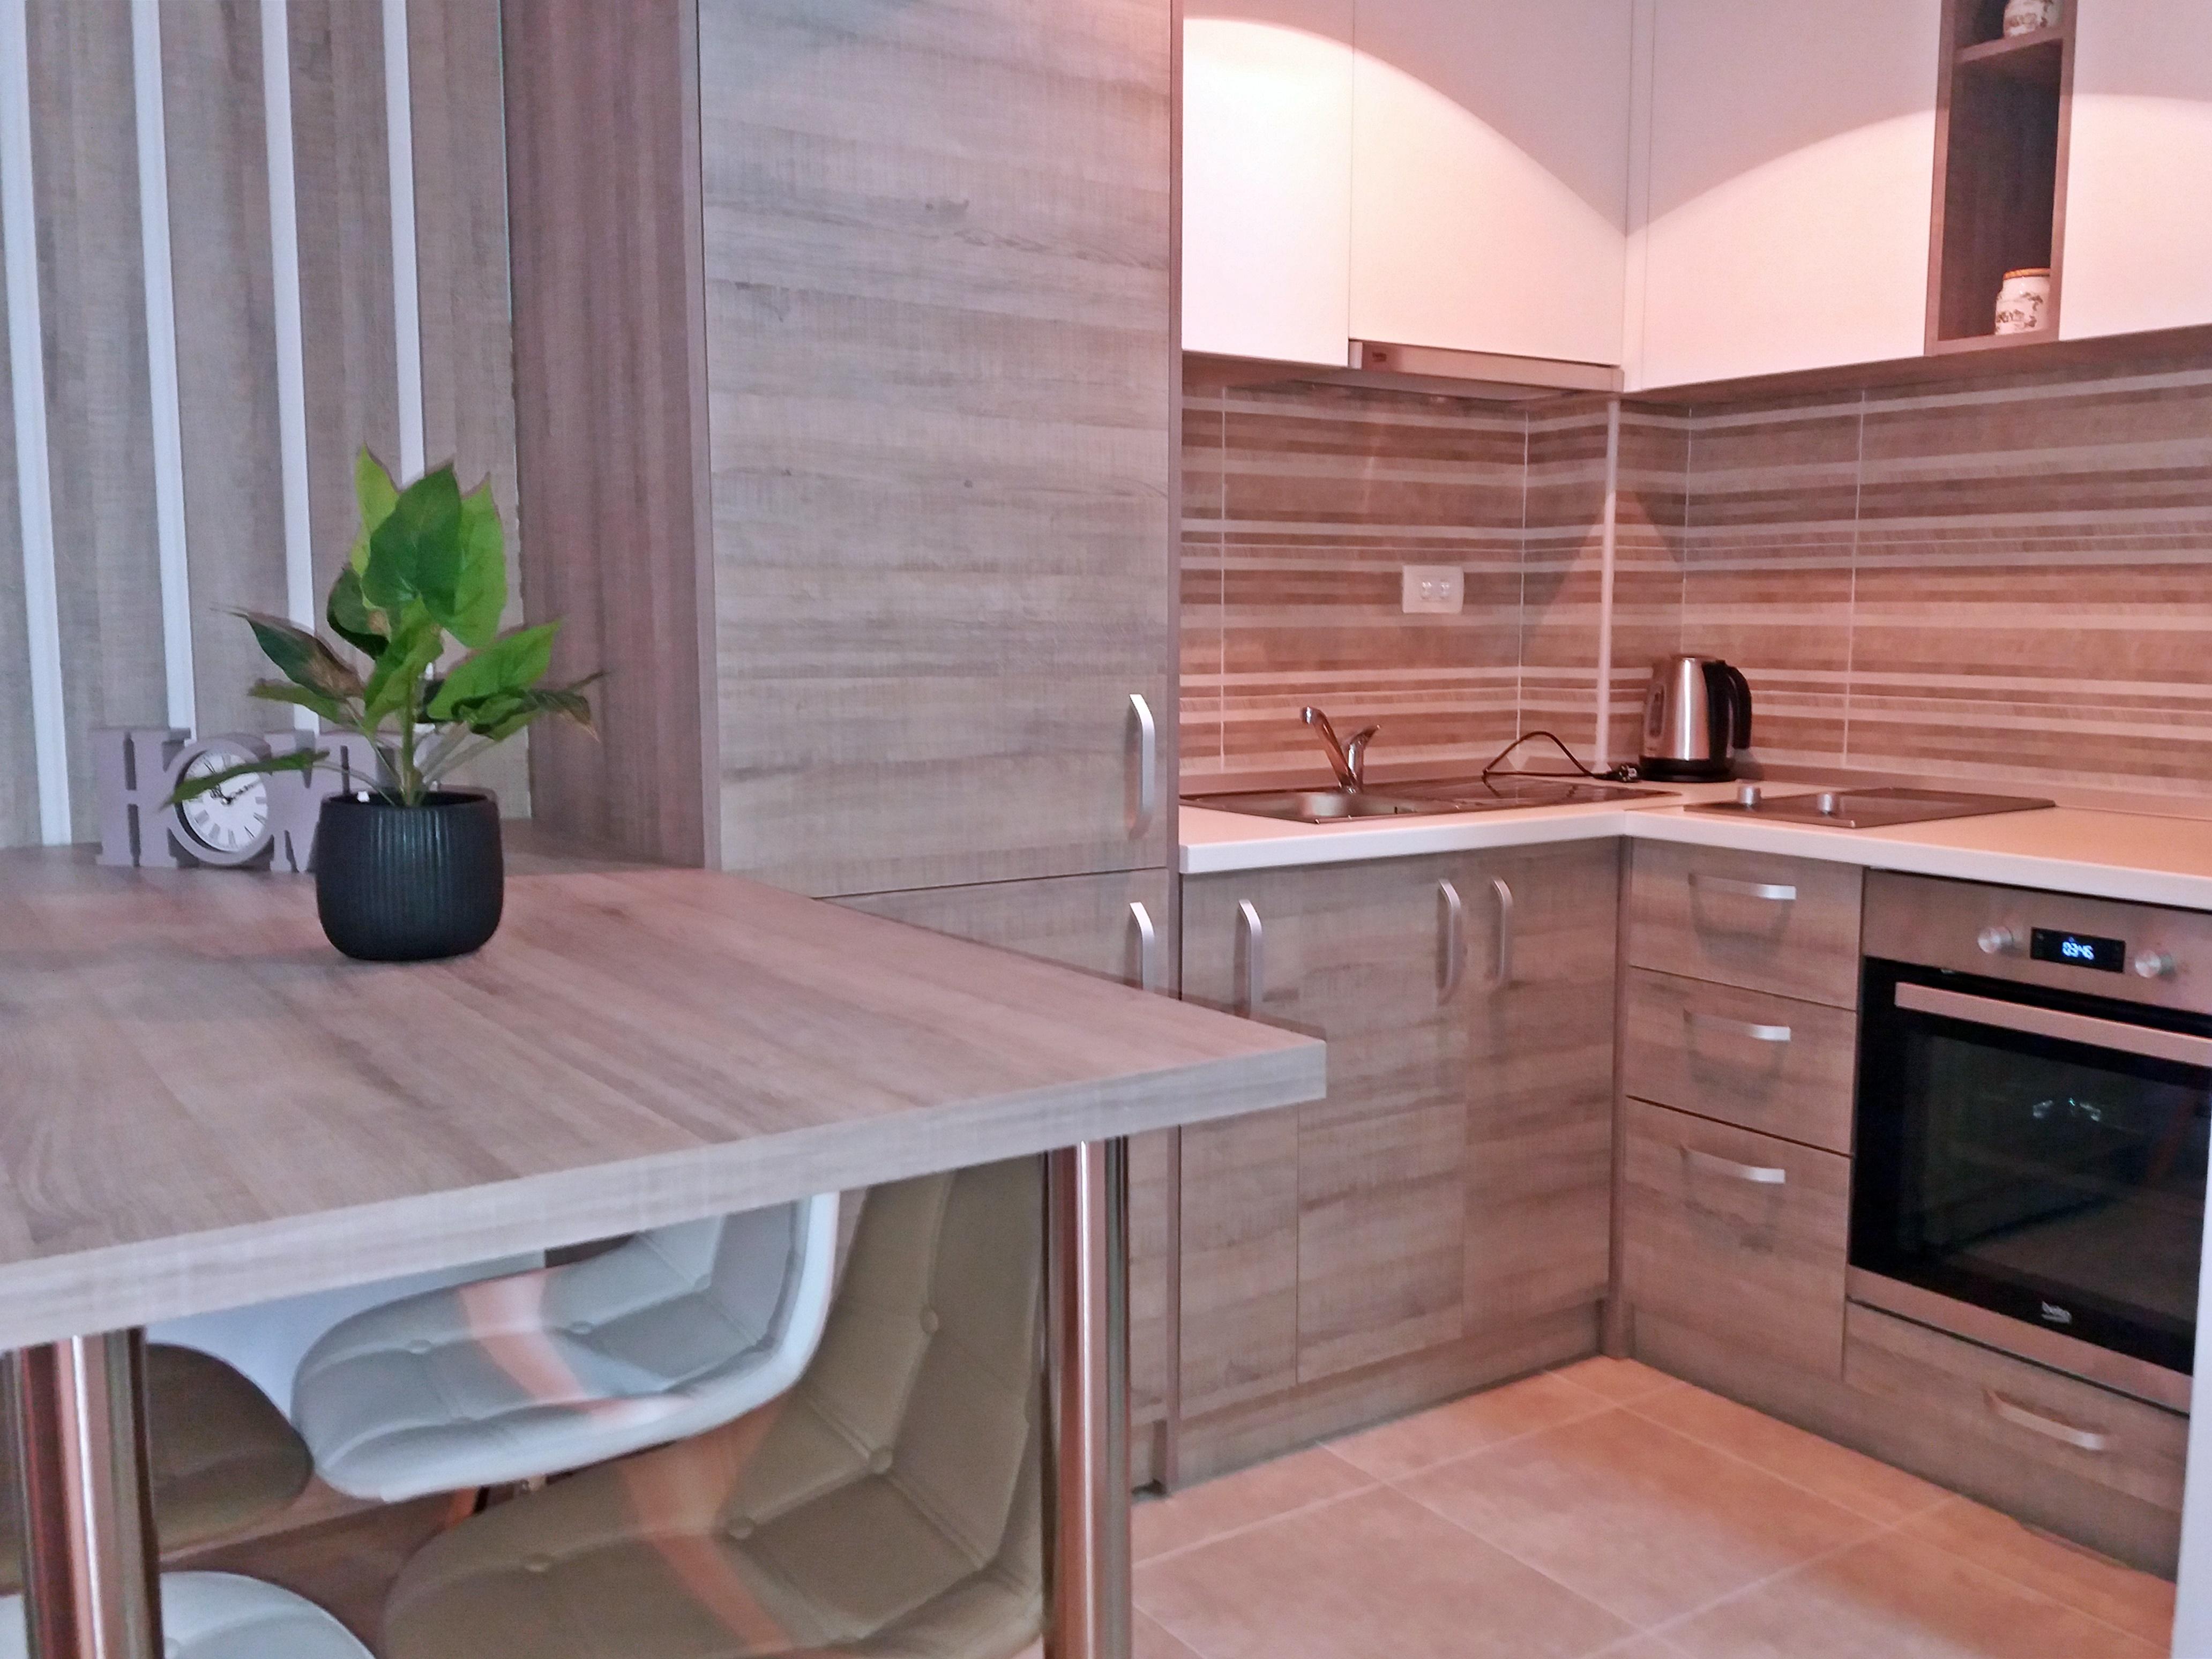 NewLine Montenegro - Luxury City one bedroom apartment C56 - Slika 3